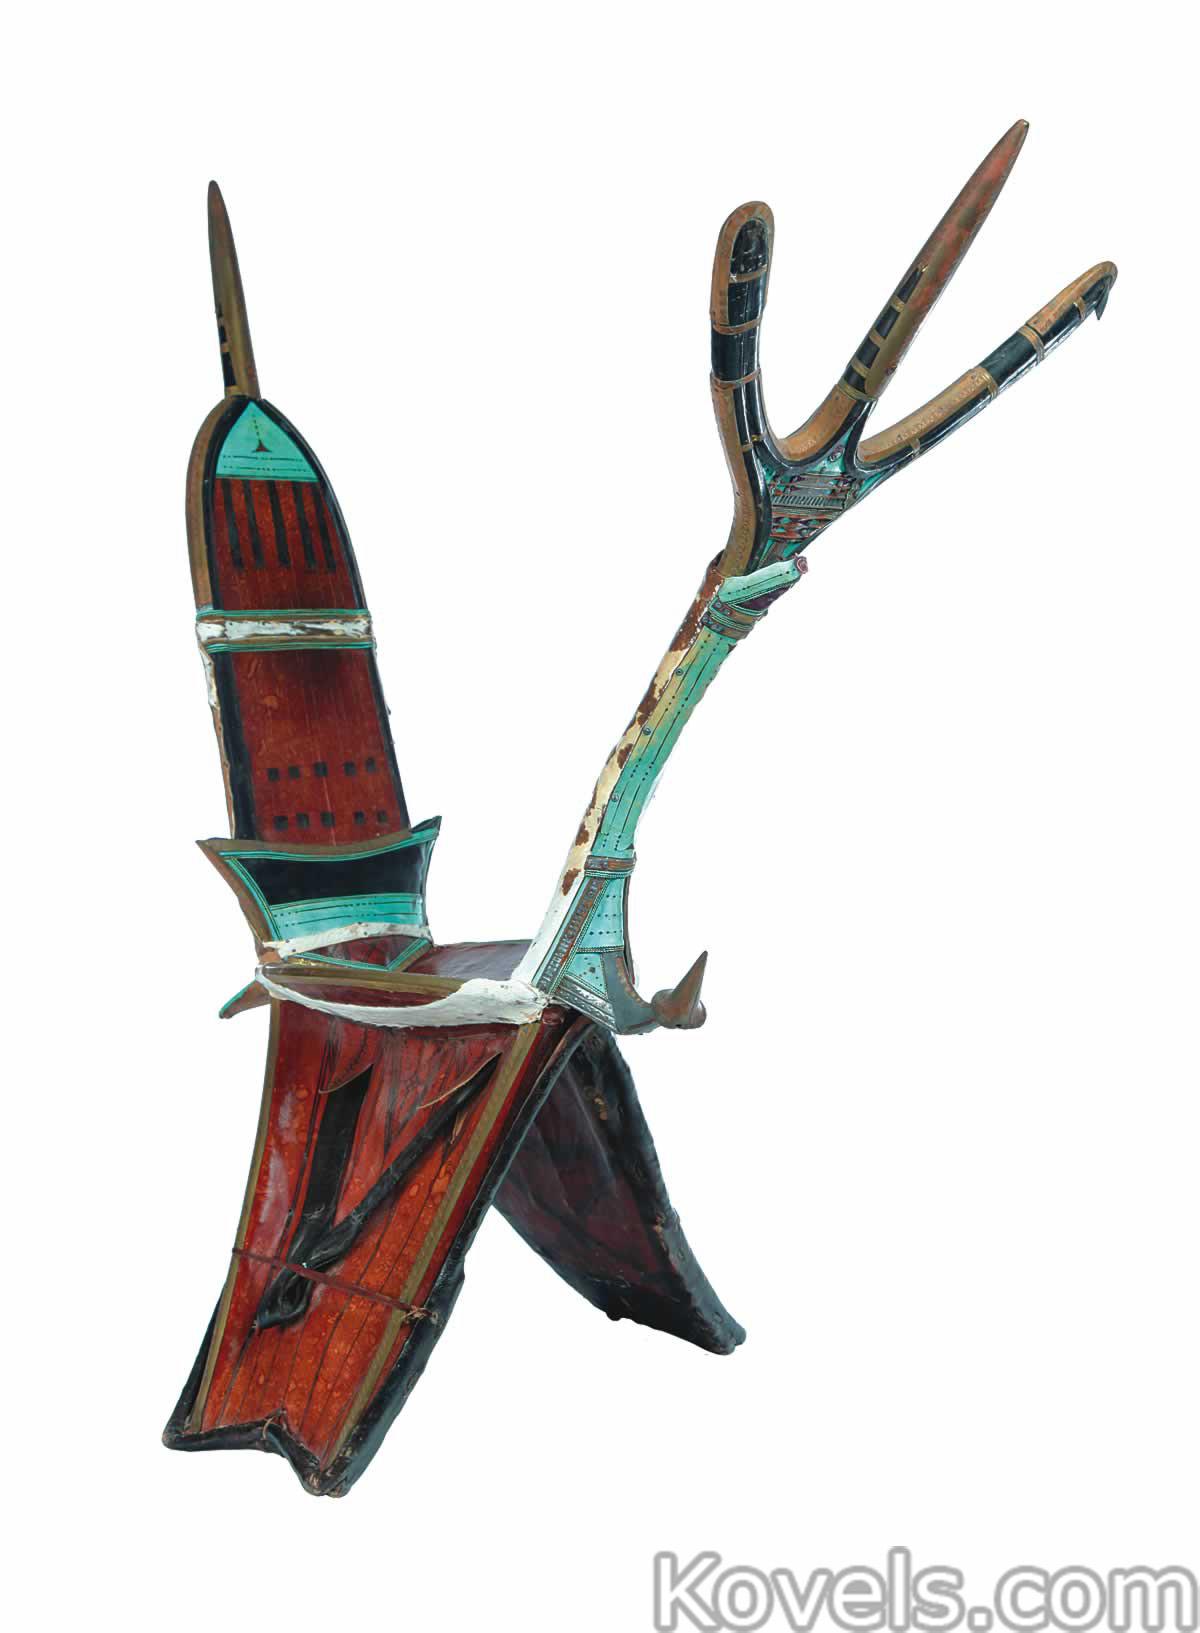 leather-saddle-camel-high-back-middle-east-ga110714-1324.jpg